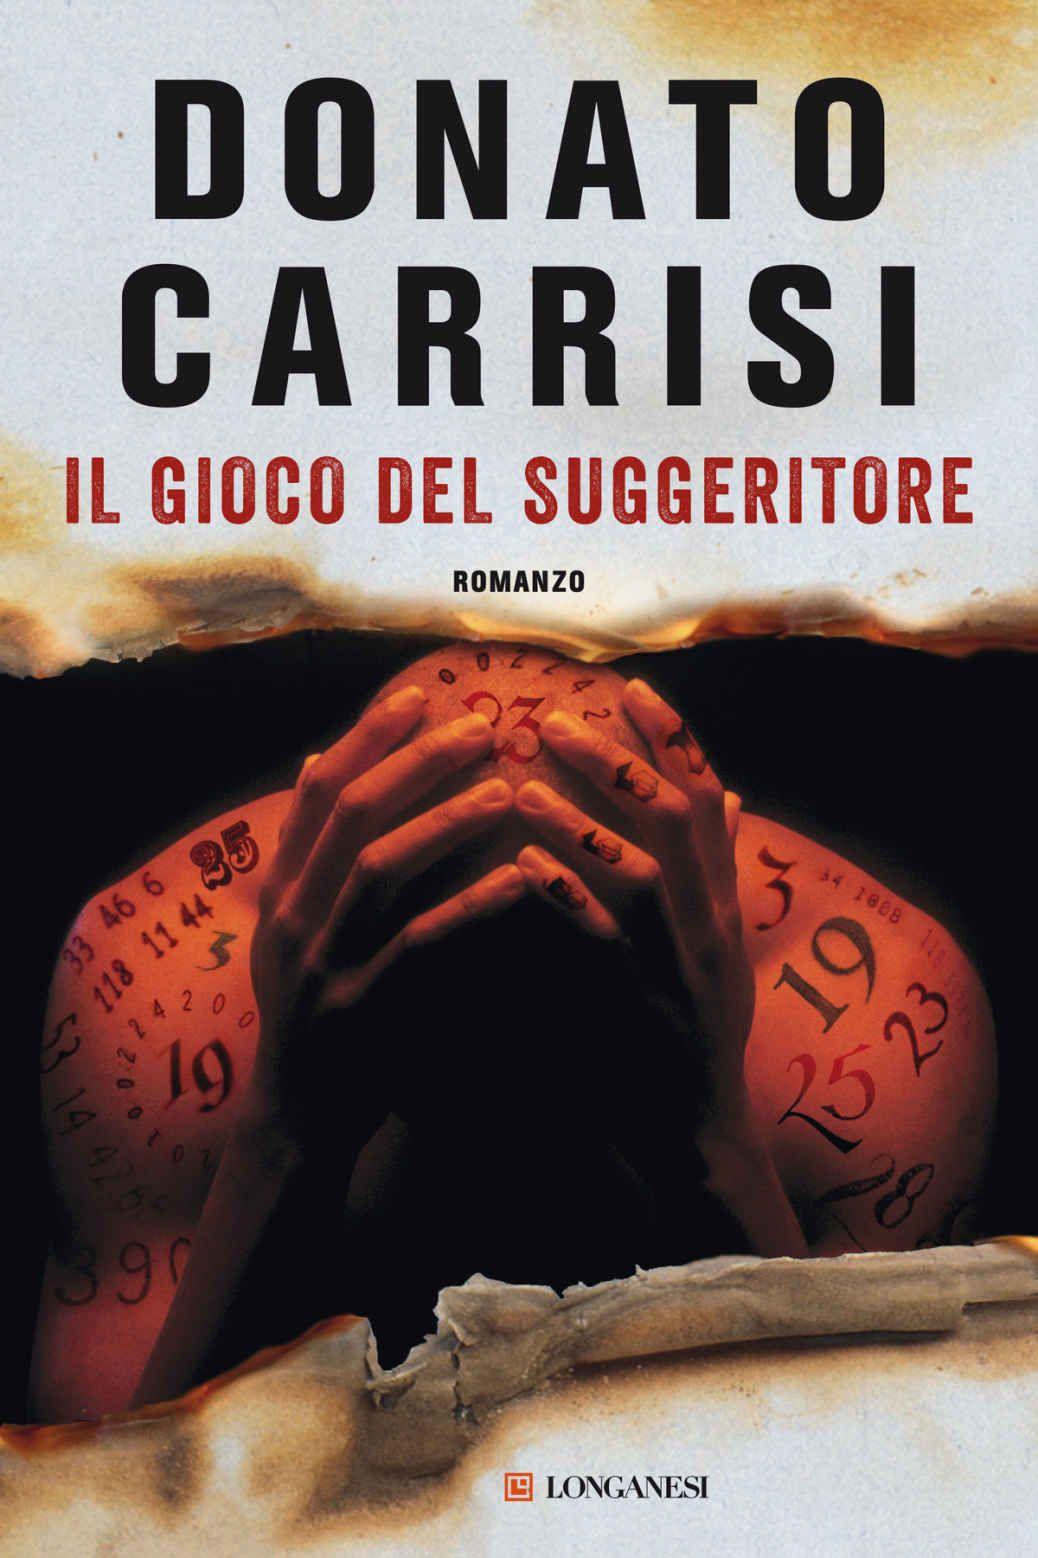 Libri gialli italiani 2019, Il gioco del suggeritore